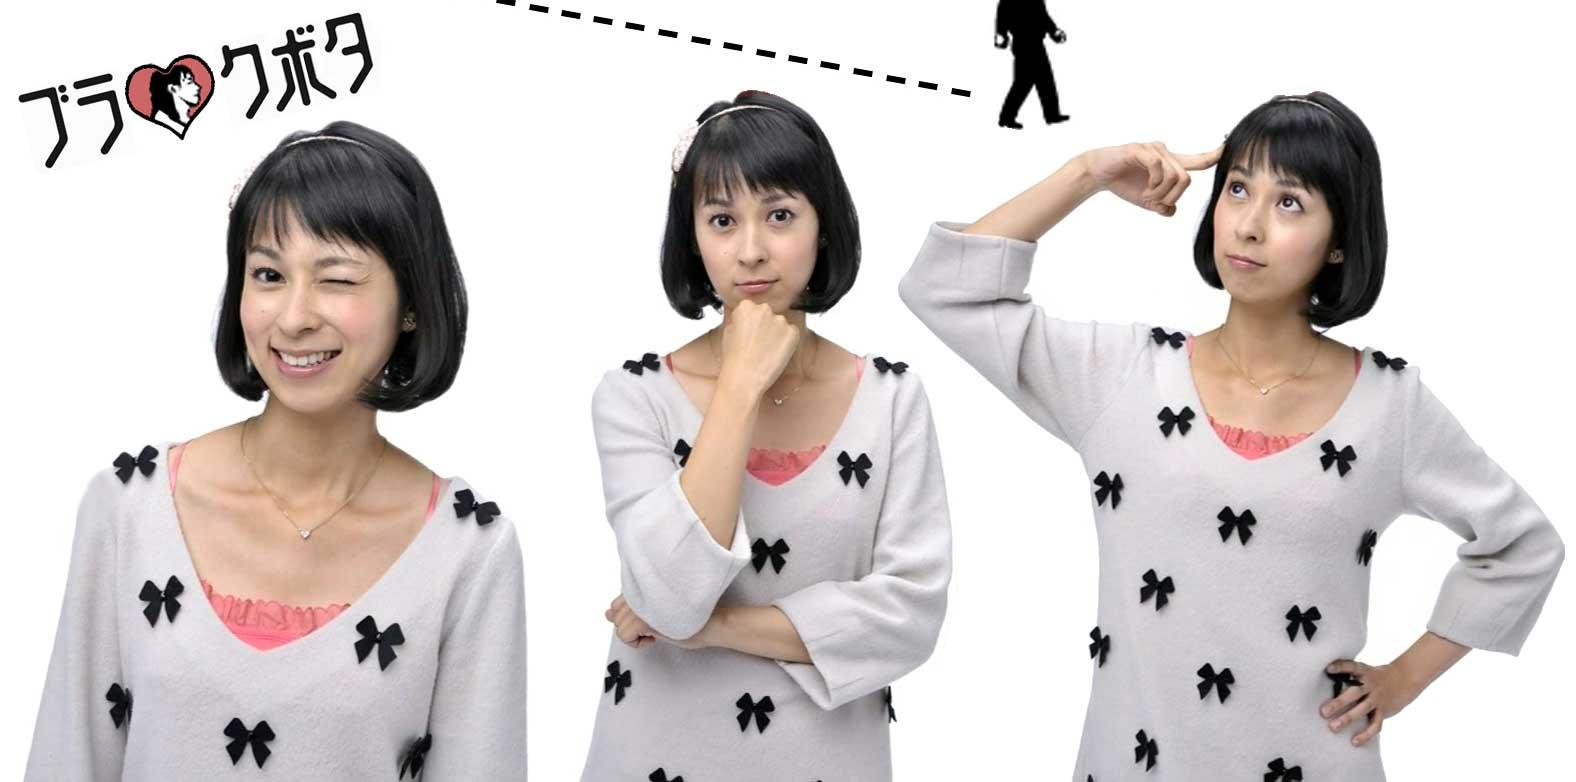 NHK女子アナ ブラタモリ 久保田祐佳 顔アップ ウィンク 笑顔 エロかわいい画像